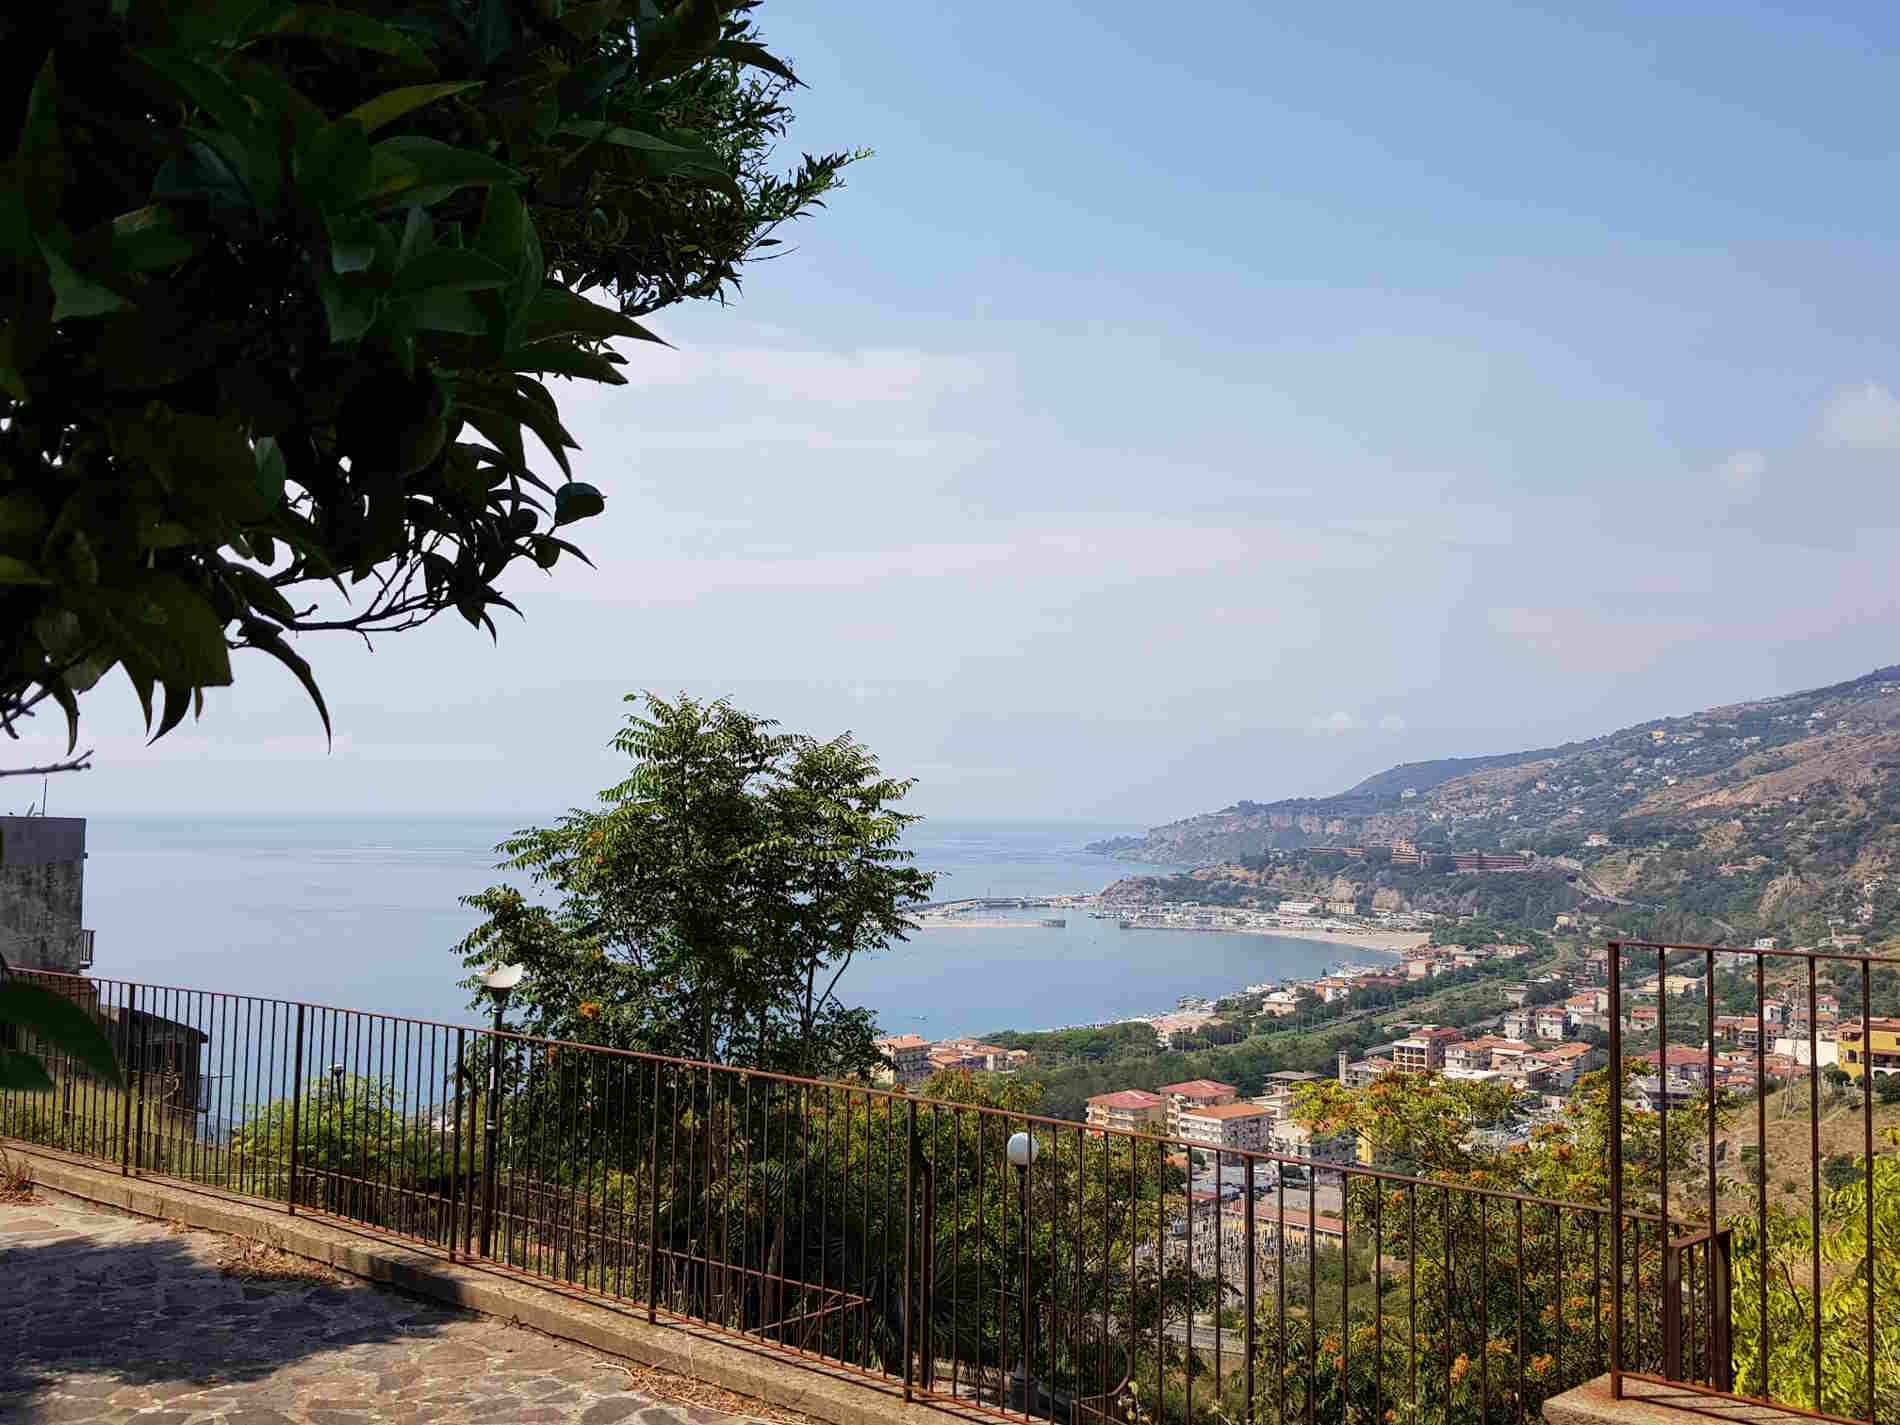 Uno splendido panorama di Cetraro Marina dal suo centro storico